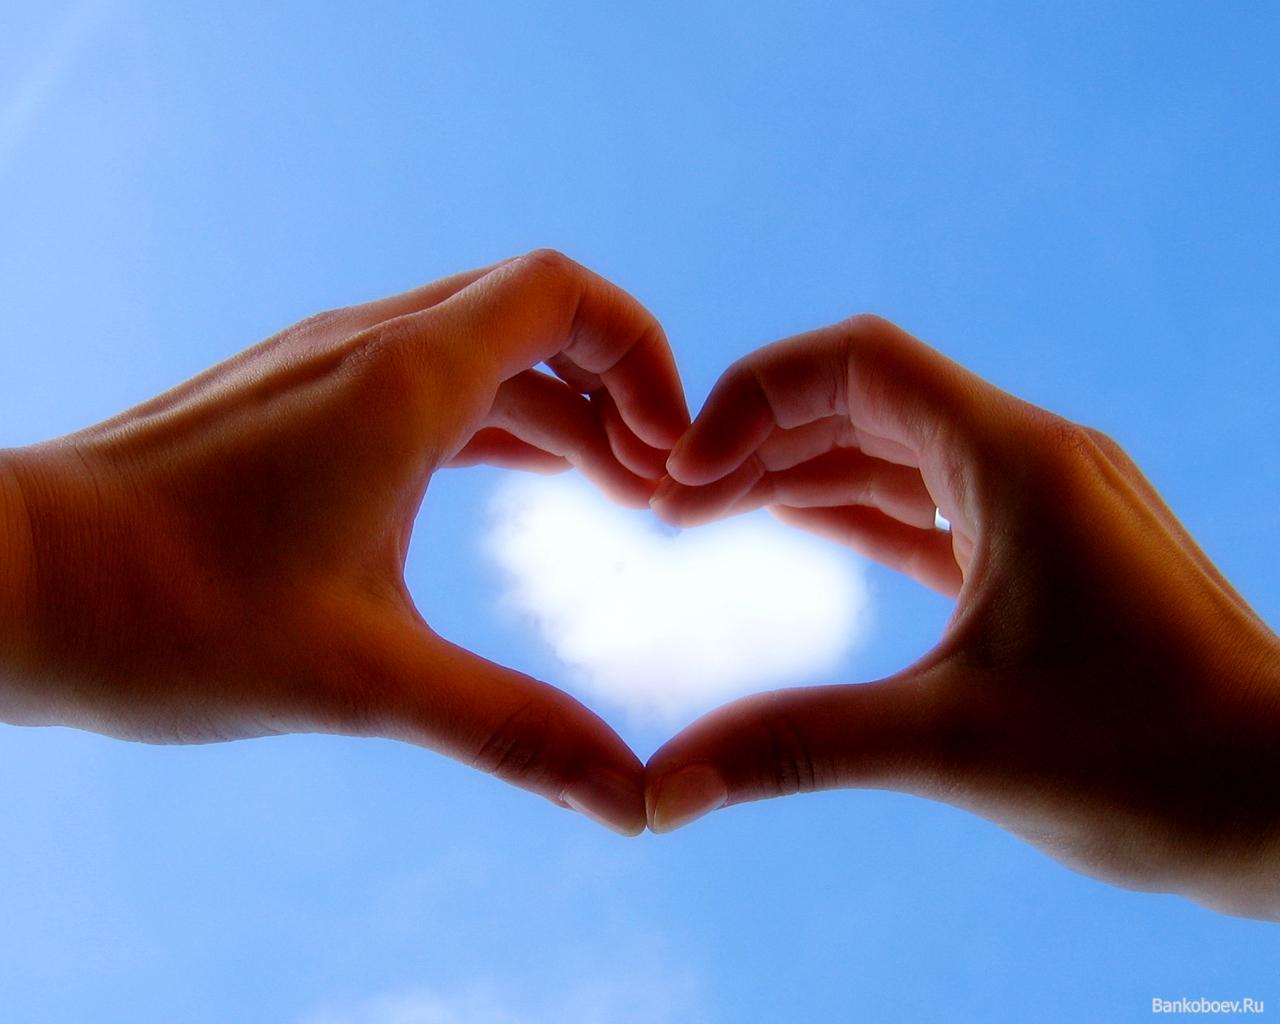 сердце и человек картинки красивые